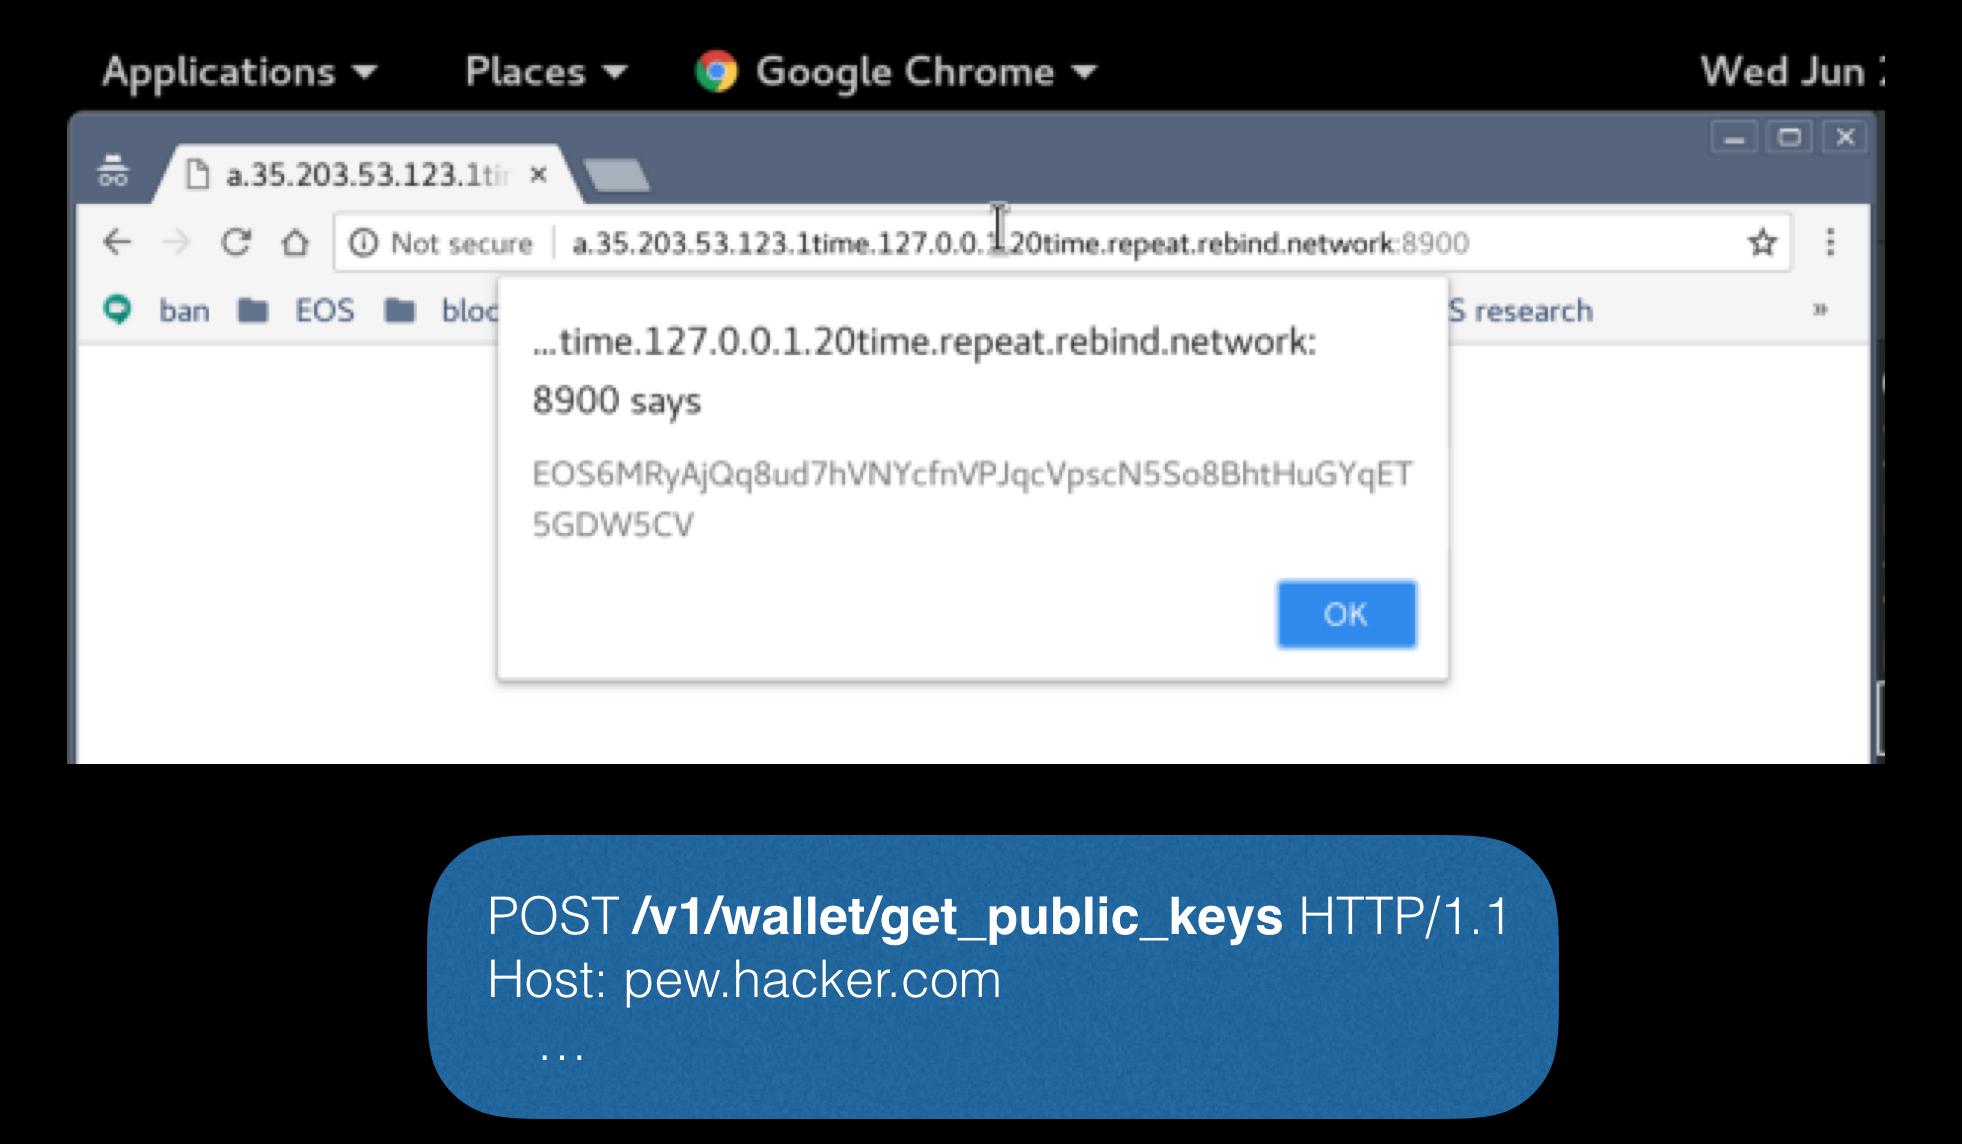 DNS rebinding в 2k19, или как по-настоящему вспотеть, посетив порносайт - 19